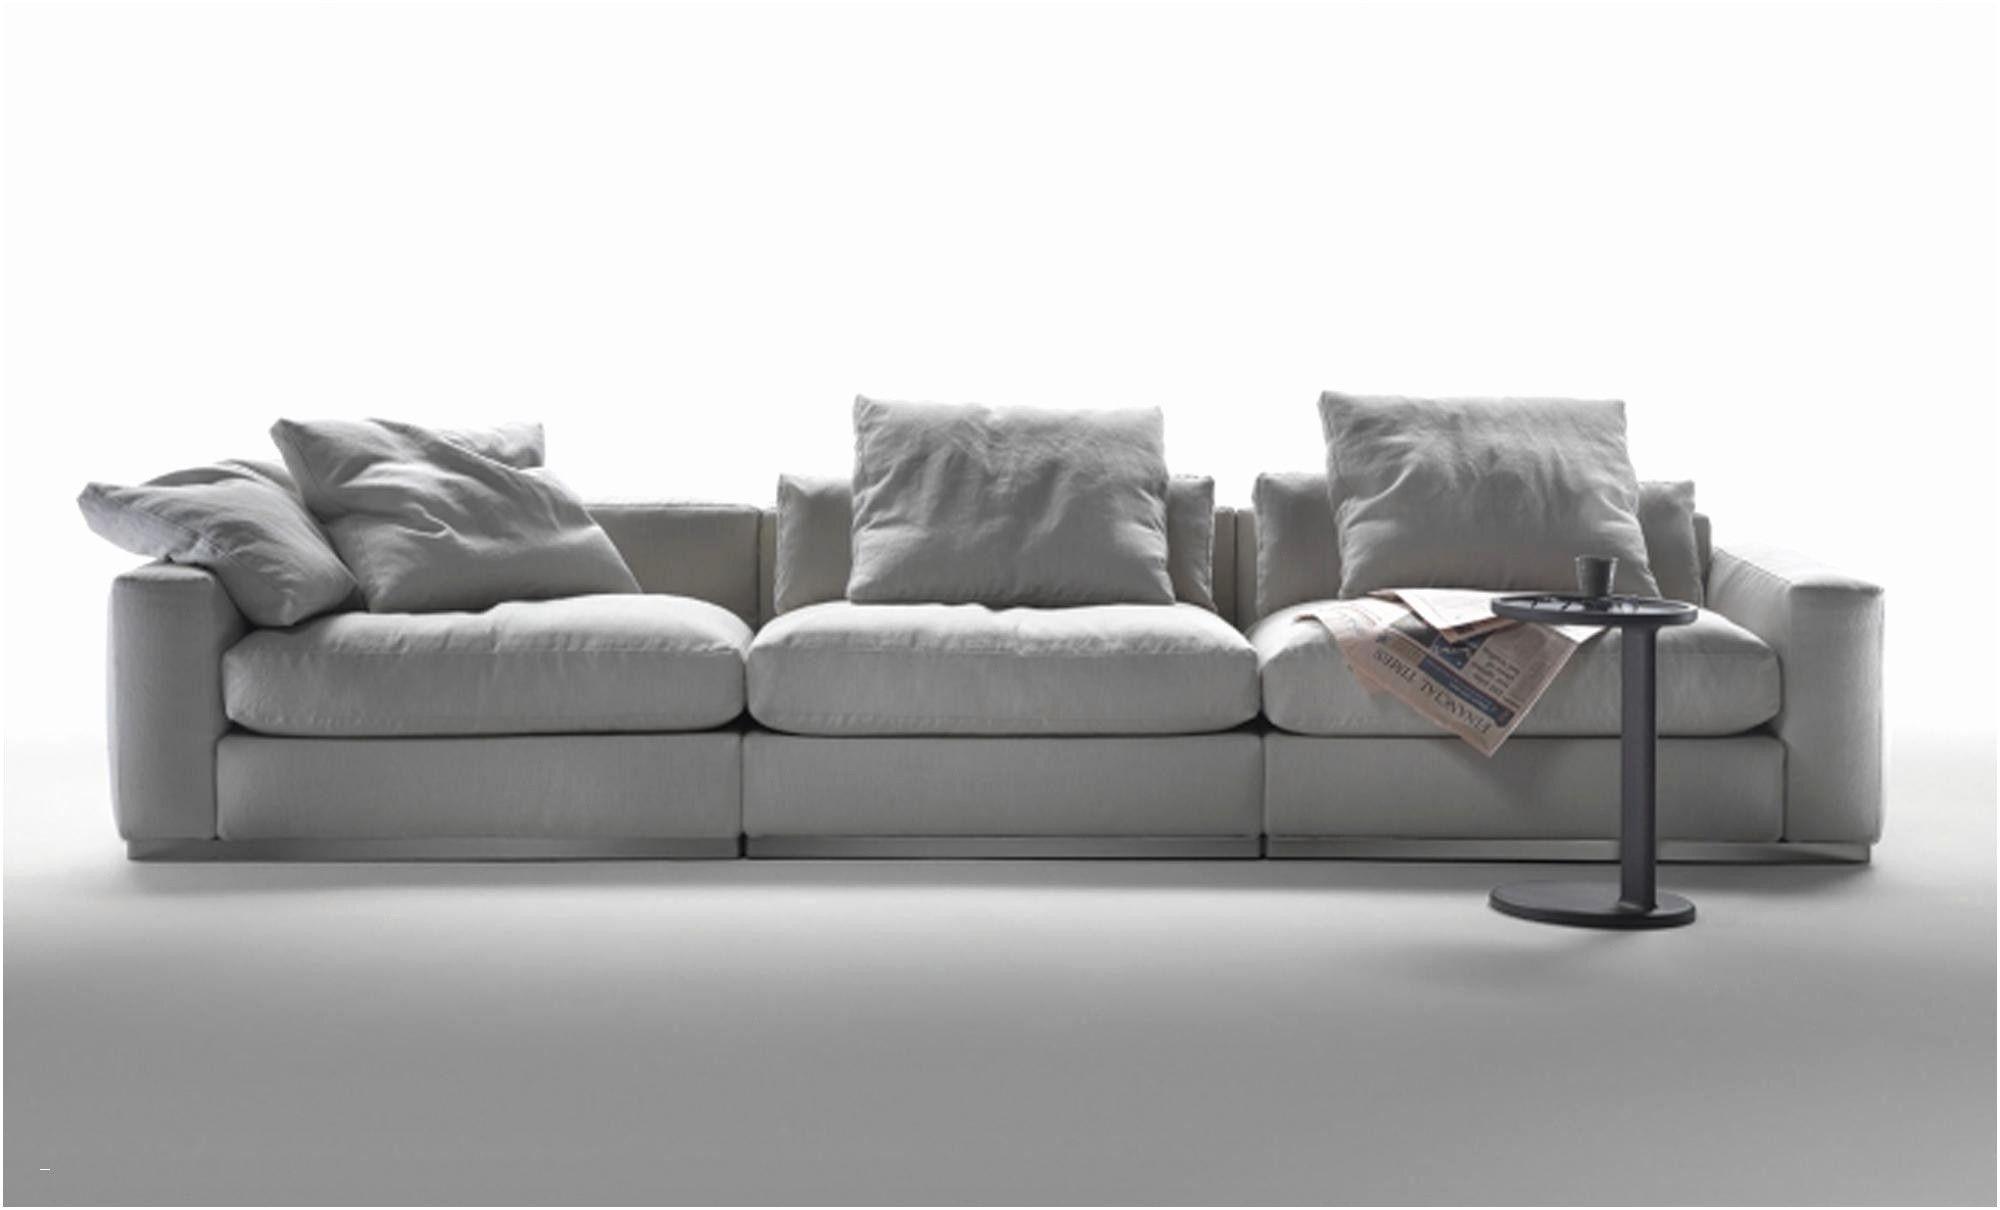 75 Naturlich Couch Halbrund Gaya Ruang Tamu Set Ruang Keluarga Kursi Ruang Keluarga